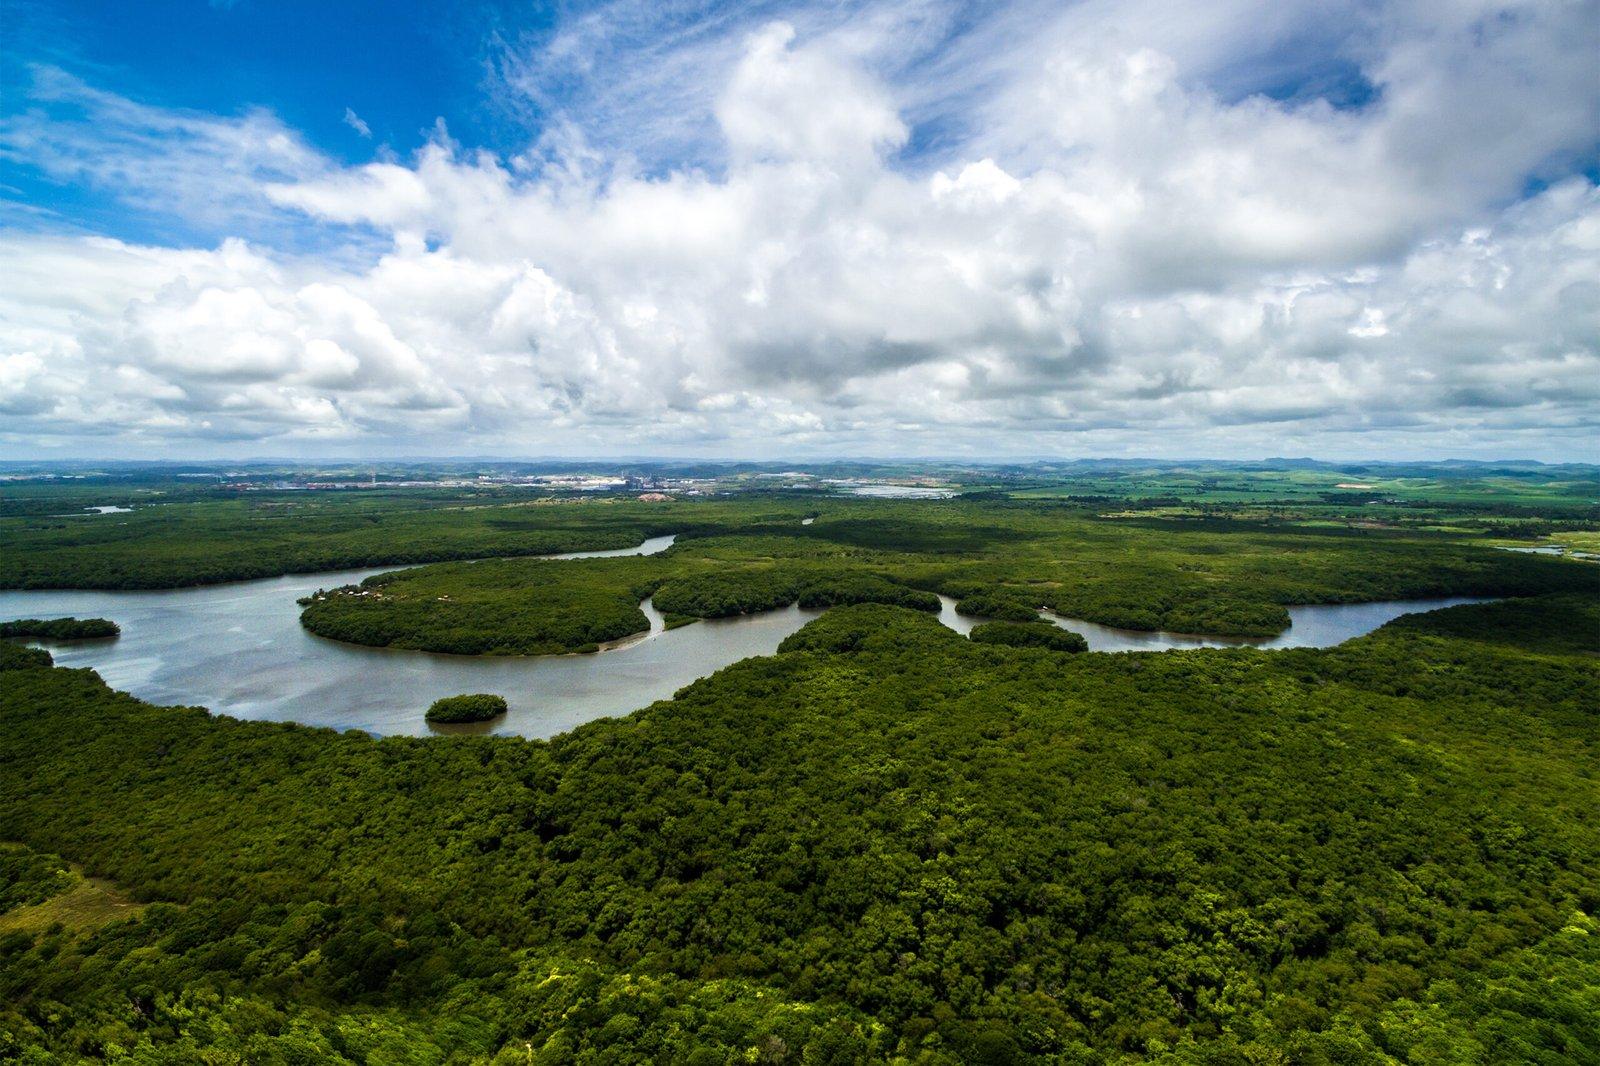 O Amazonas é um lugar para ser apreciado. Qual seria o sentido da floresta amazônica, senão se envolver nela e no que ela oferece – respeitando e preservando o espaço, é claro.